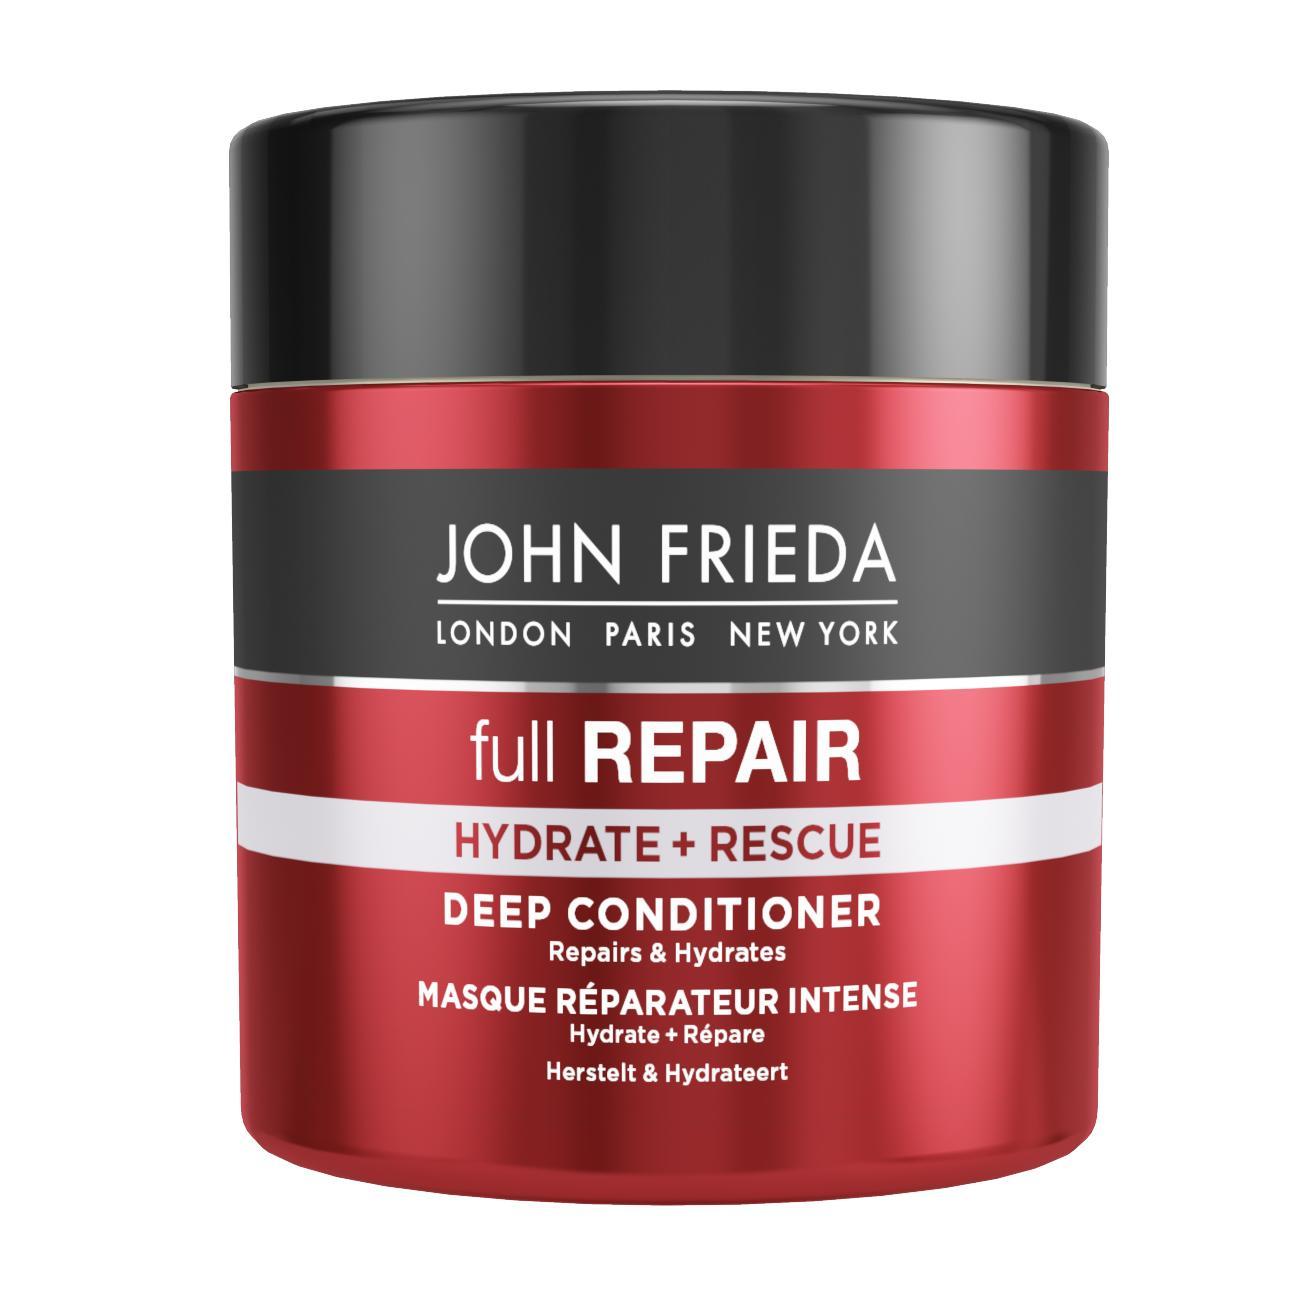 ����� John Frieda Full Repair �������������� � ���������� ����� 150 ��